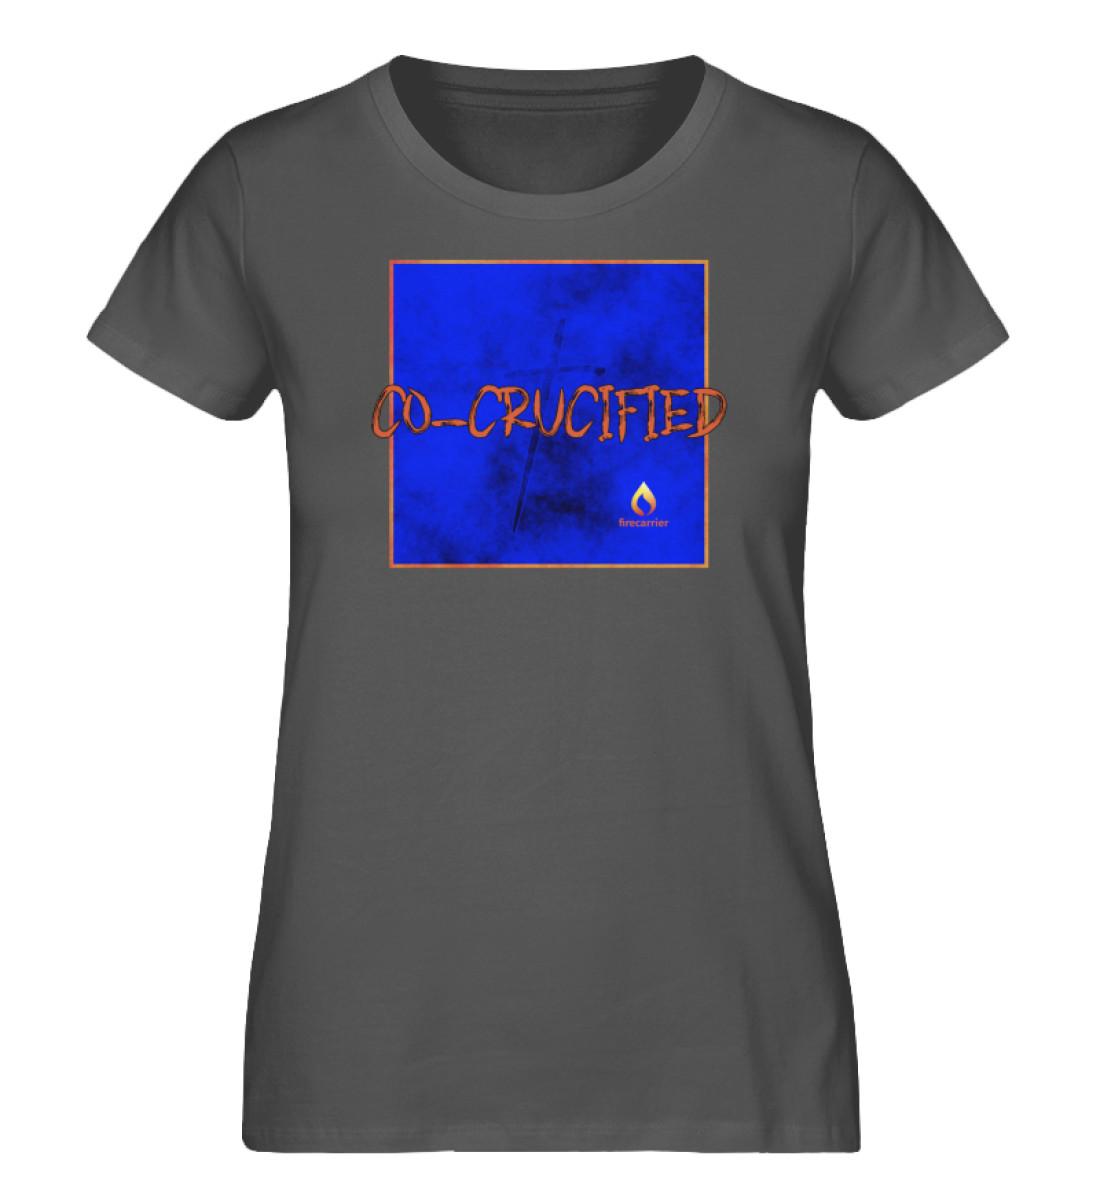 cocrucified - Ladies Premium Organic Shirt-6903